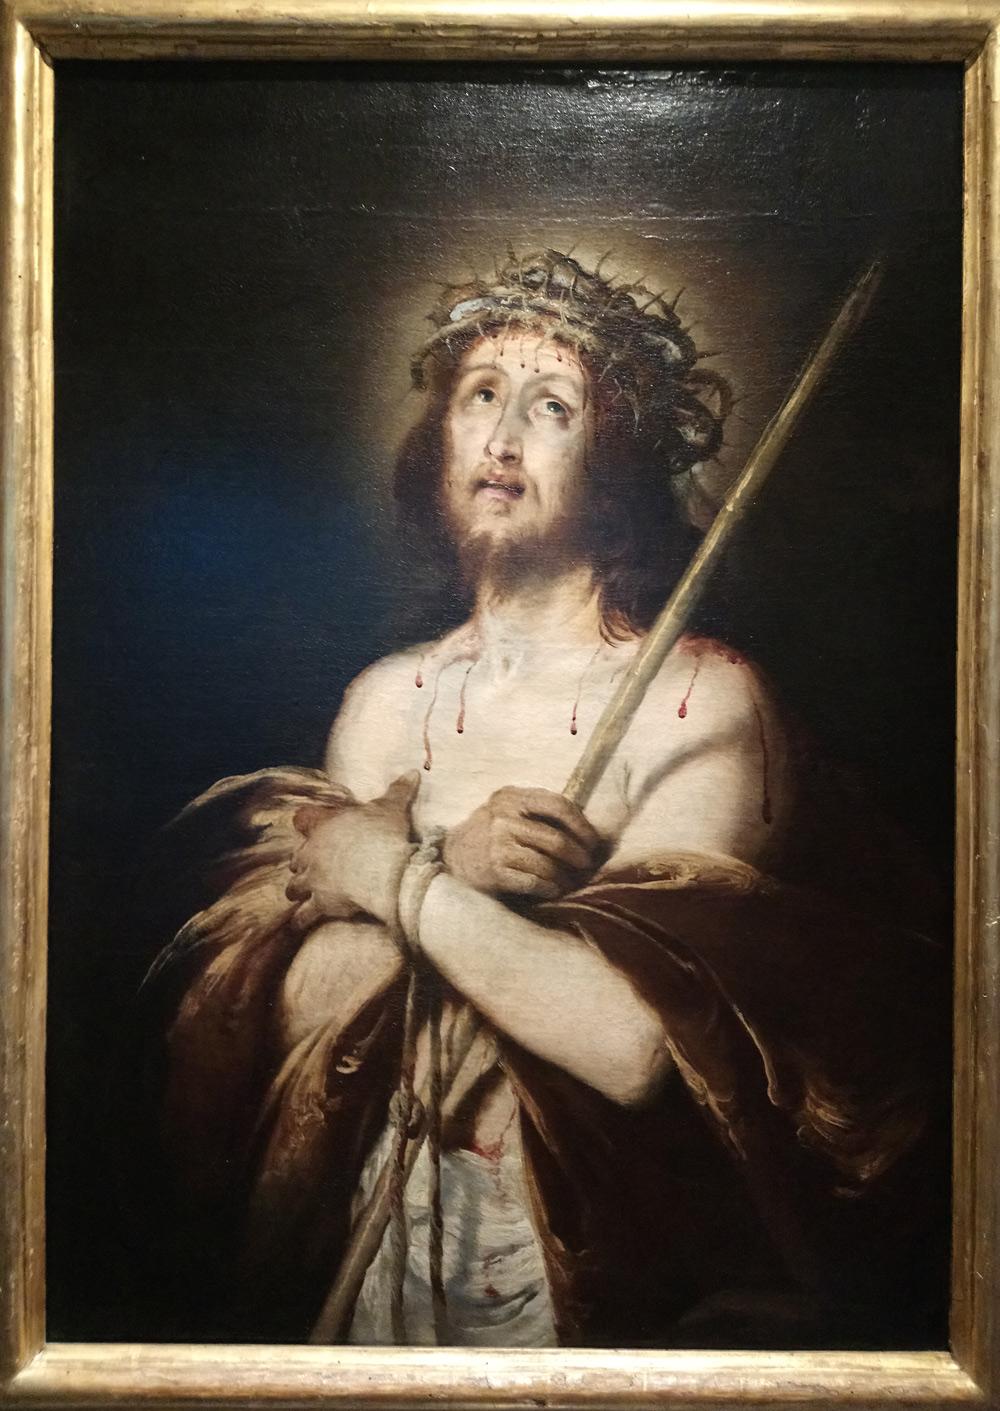 Bernardo Strozzi, Ecce Homo (1620-22; olio su tela, 105 x 75 cm; Genova, Galleria Nazionale di Palazzo Spinola)